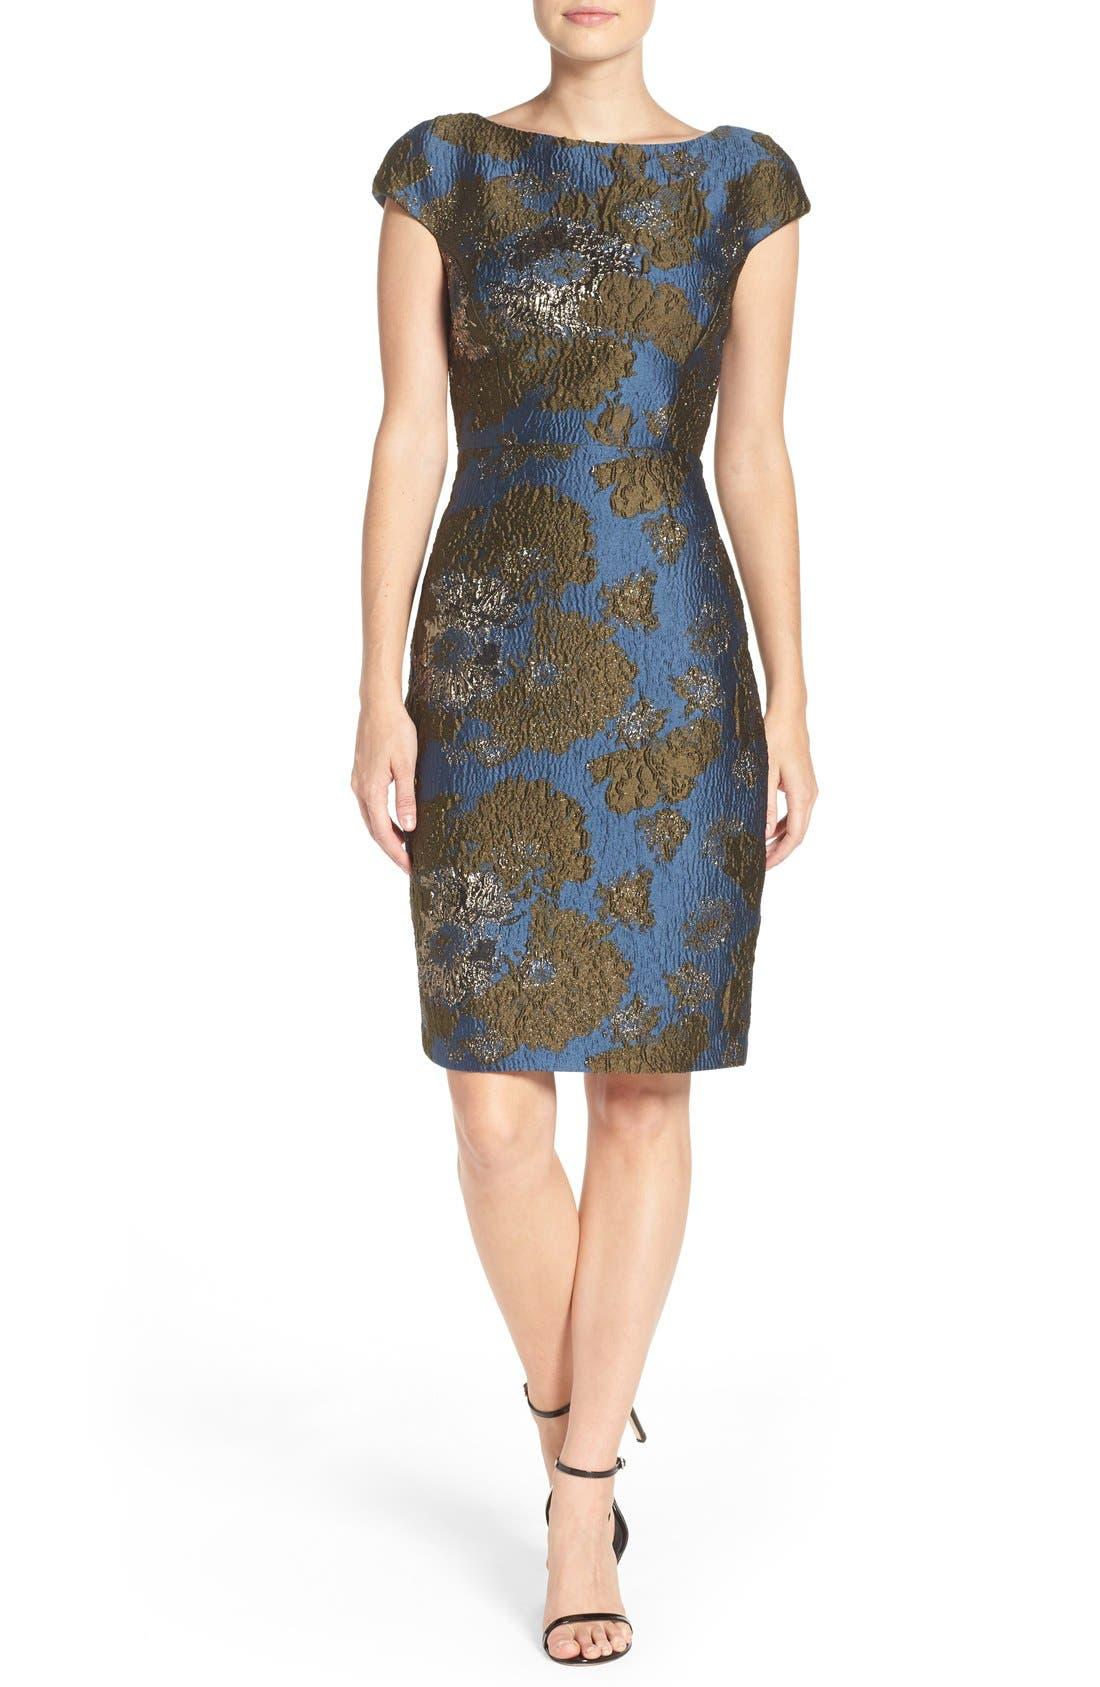 VERA WANG Metallic Jacquard Sheath Dress